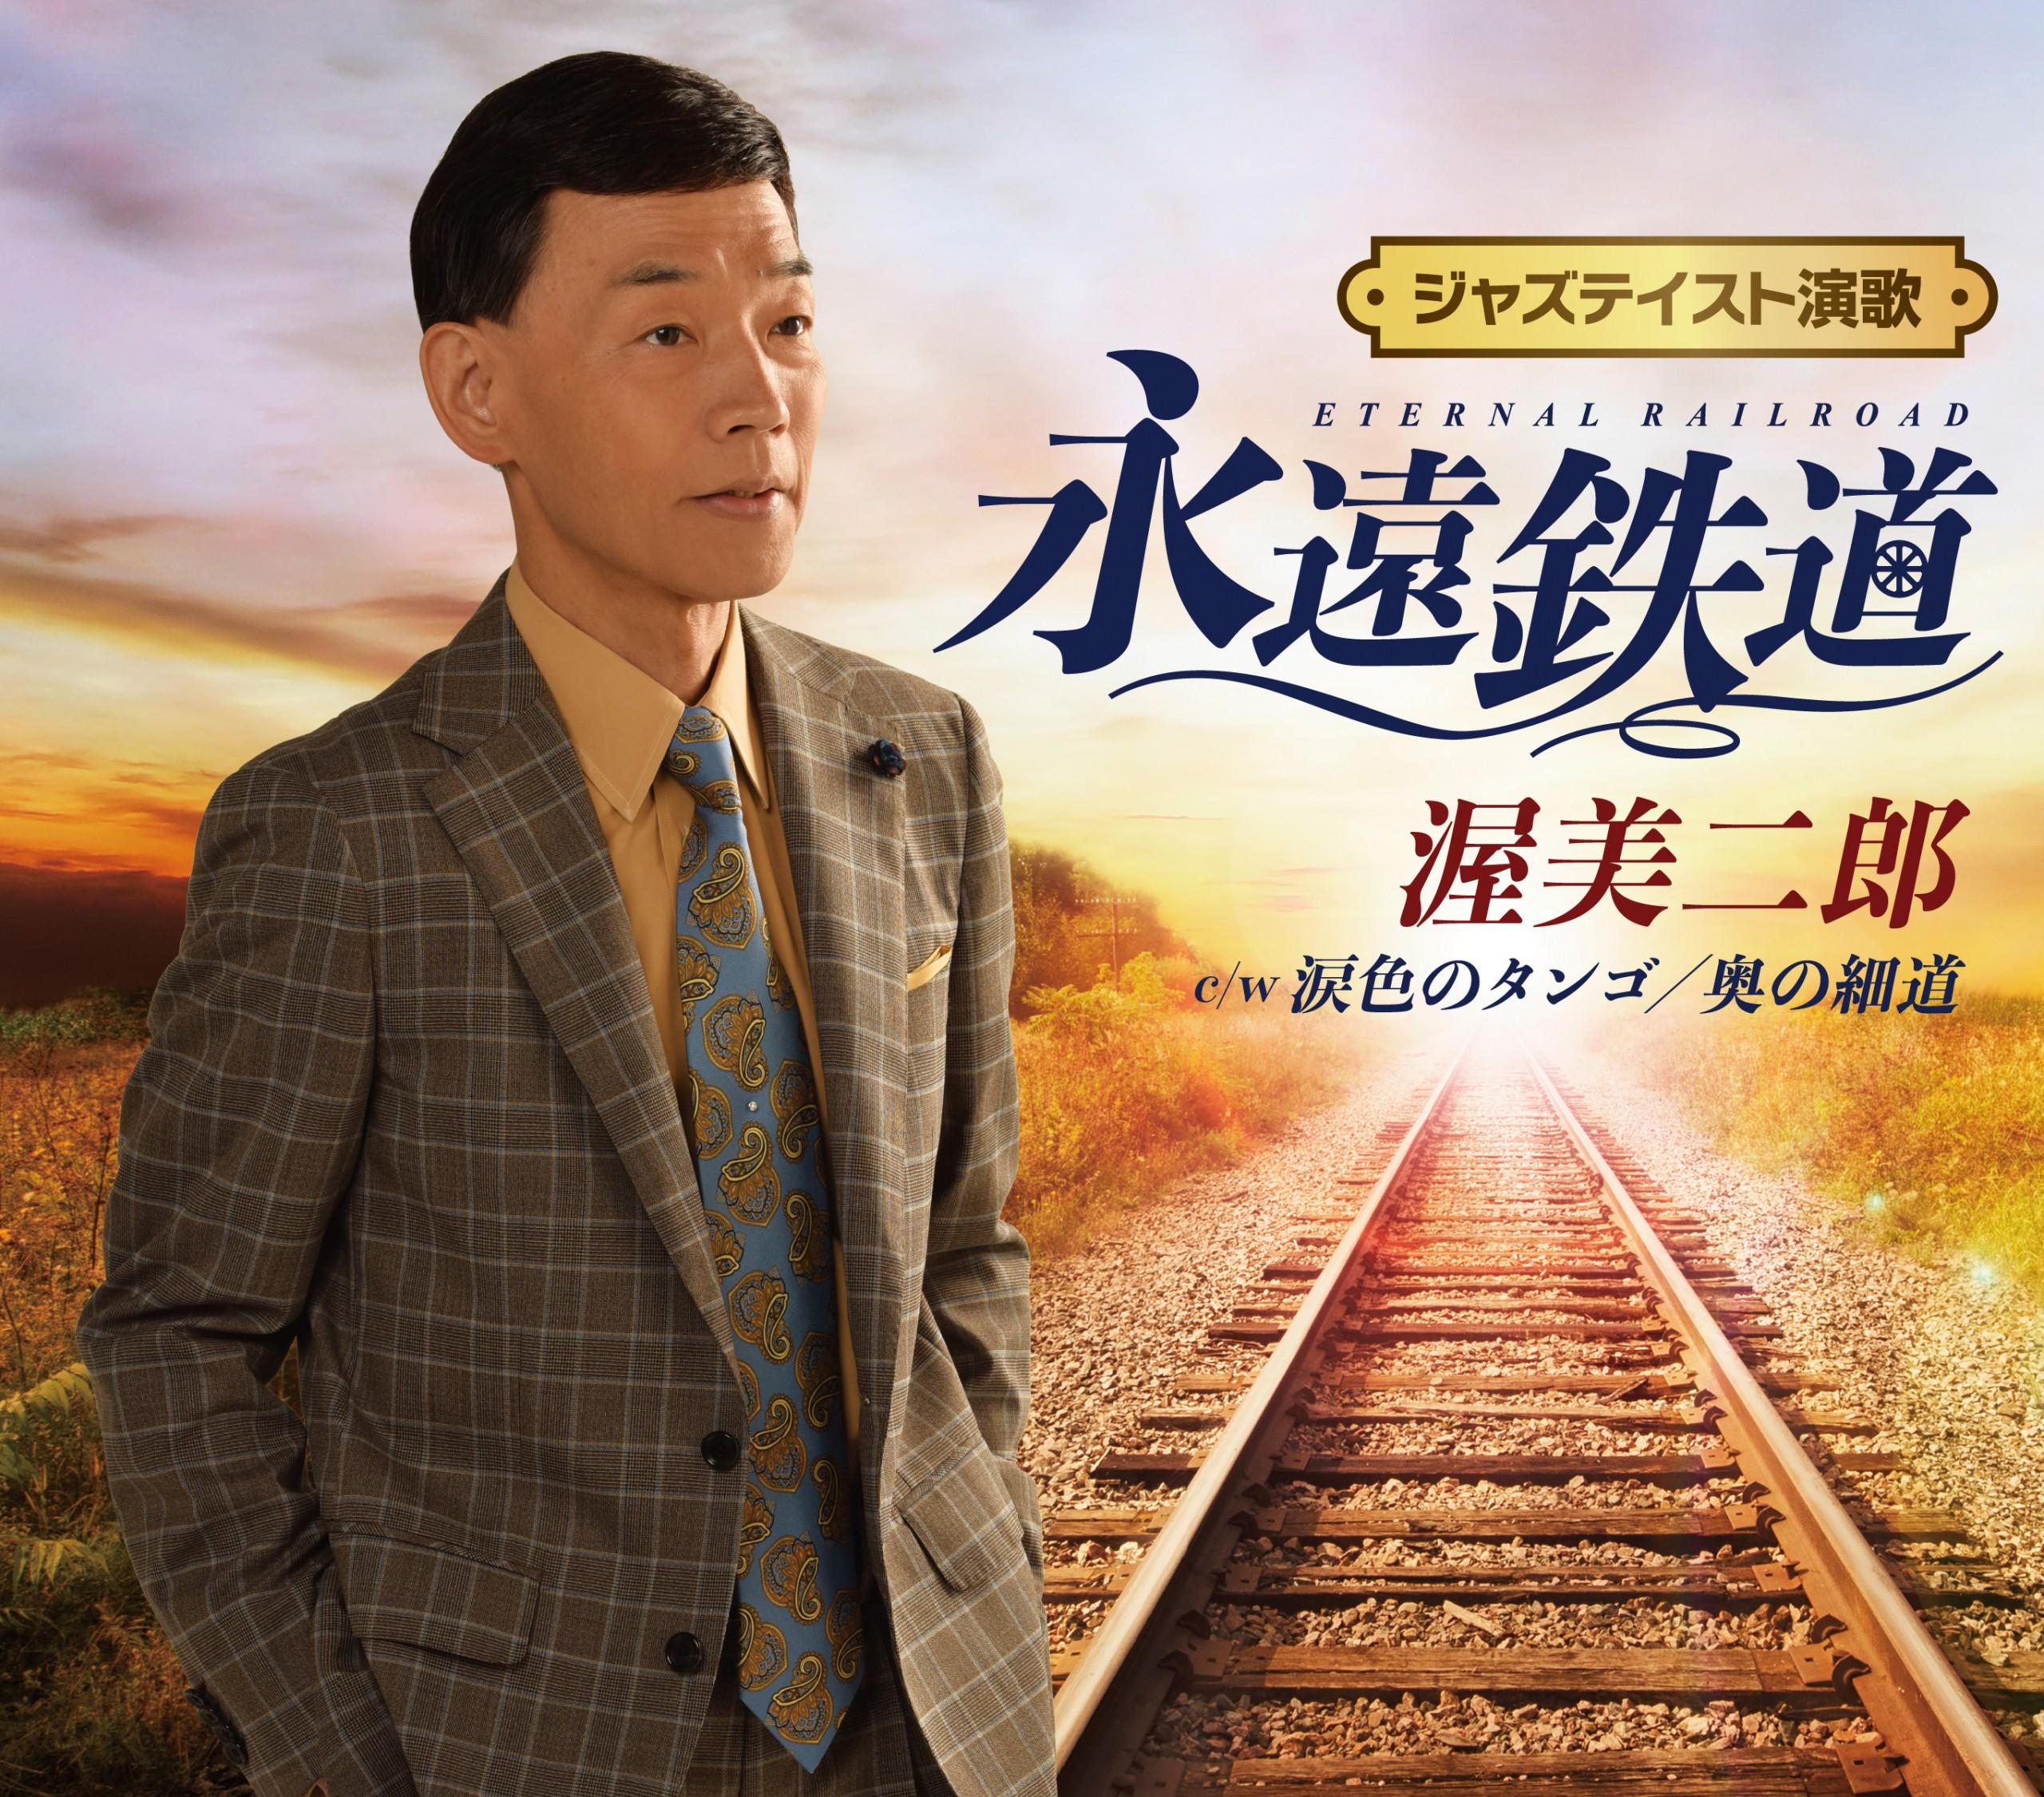 渥美二郎「永遠鉄道」